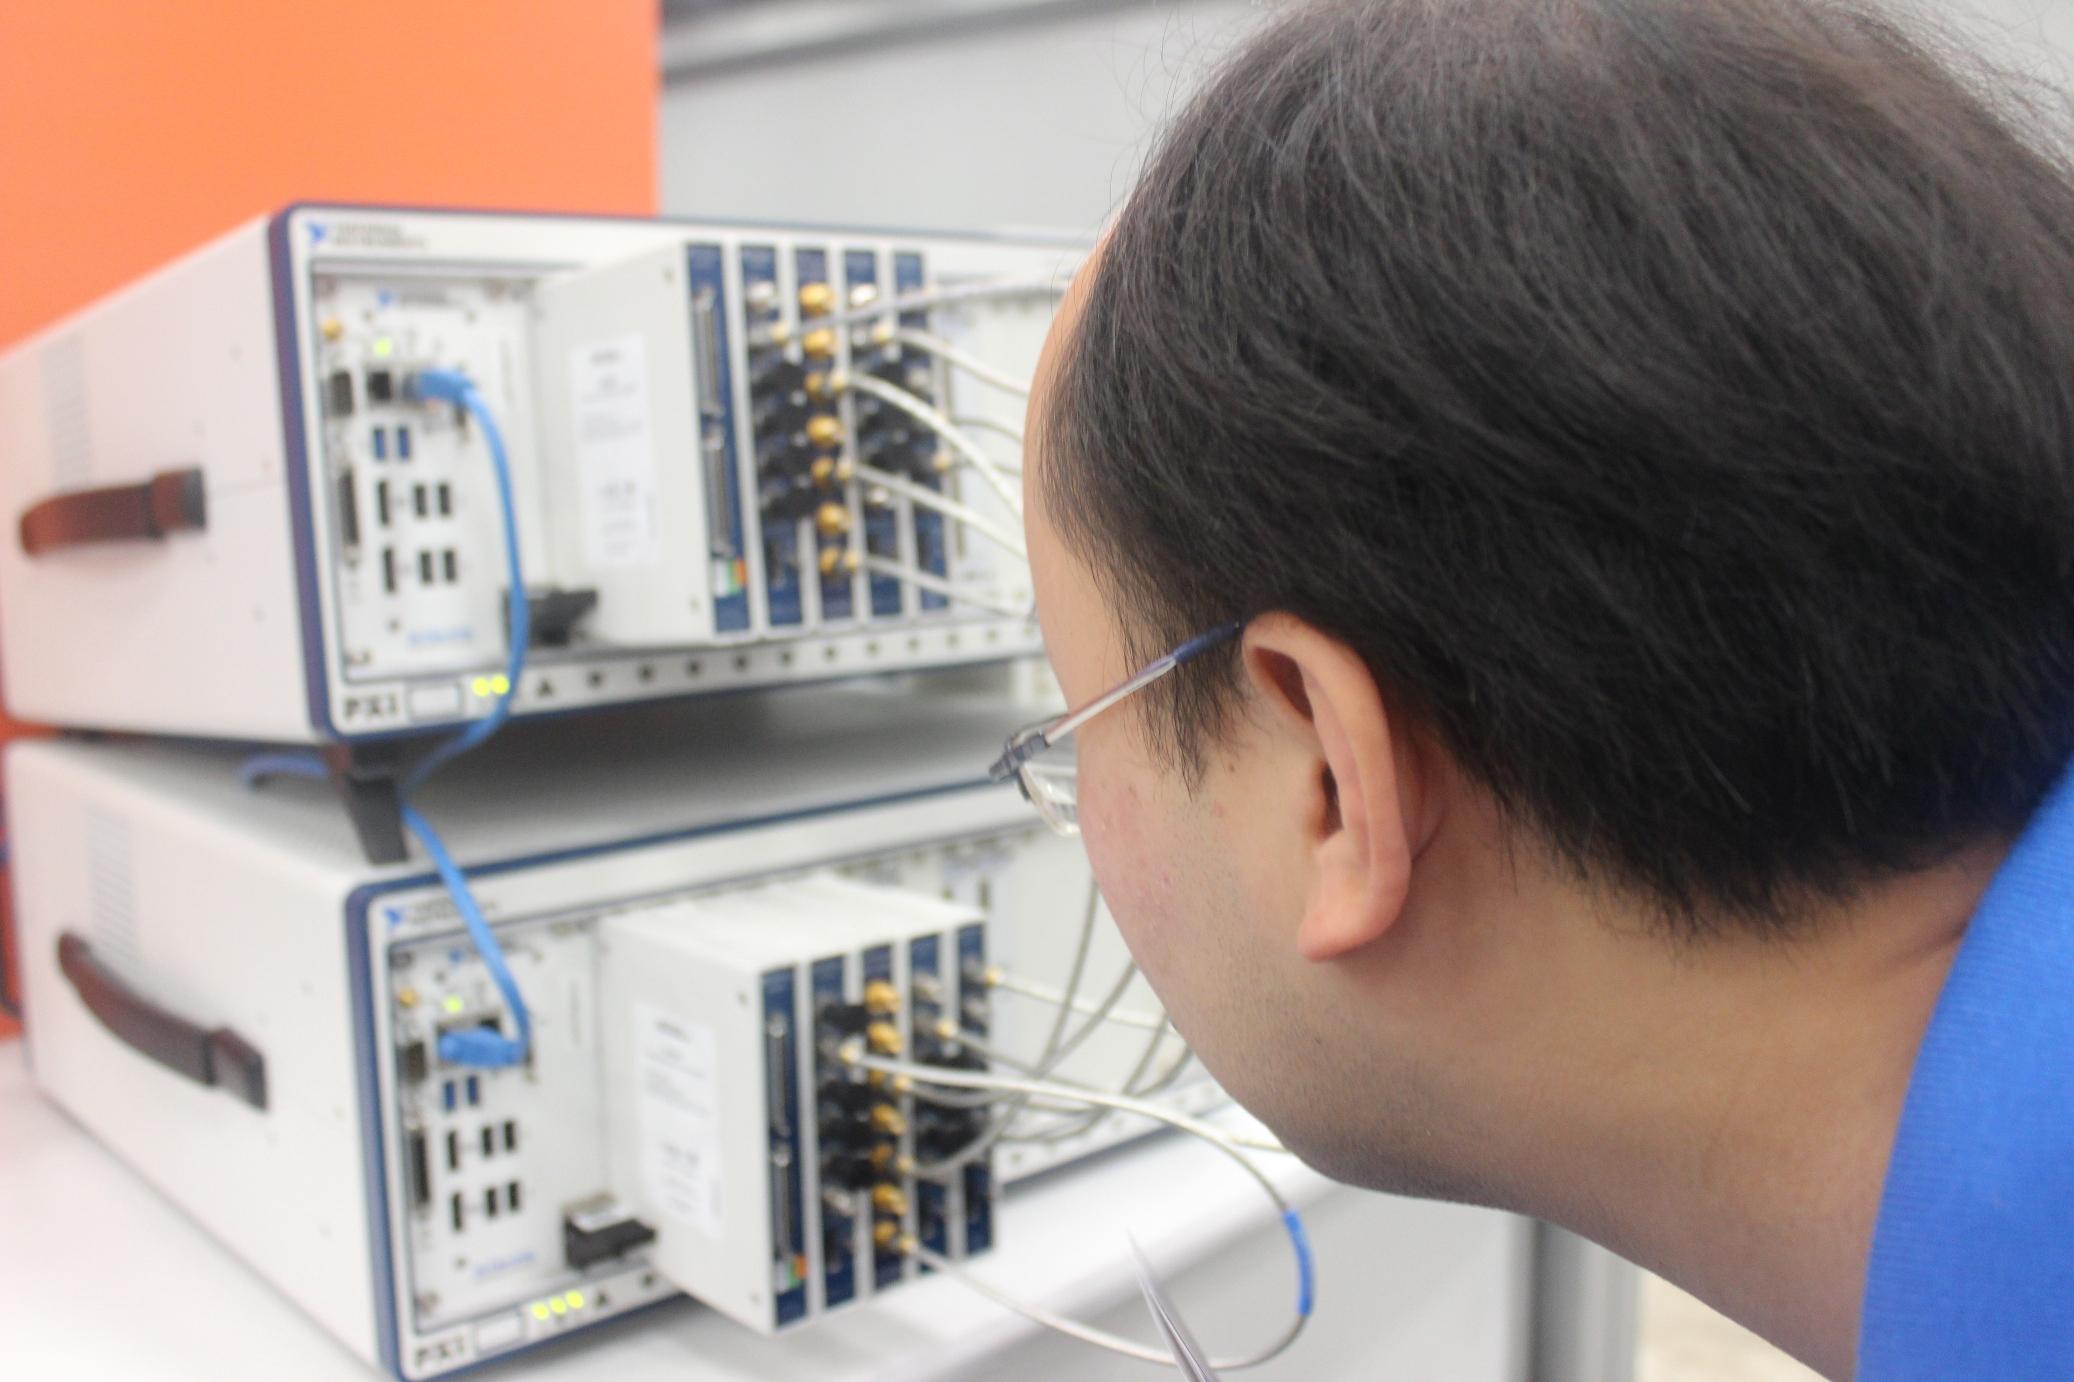 Enabling the internet of things at NI Week